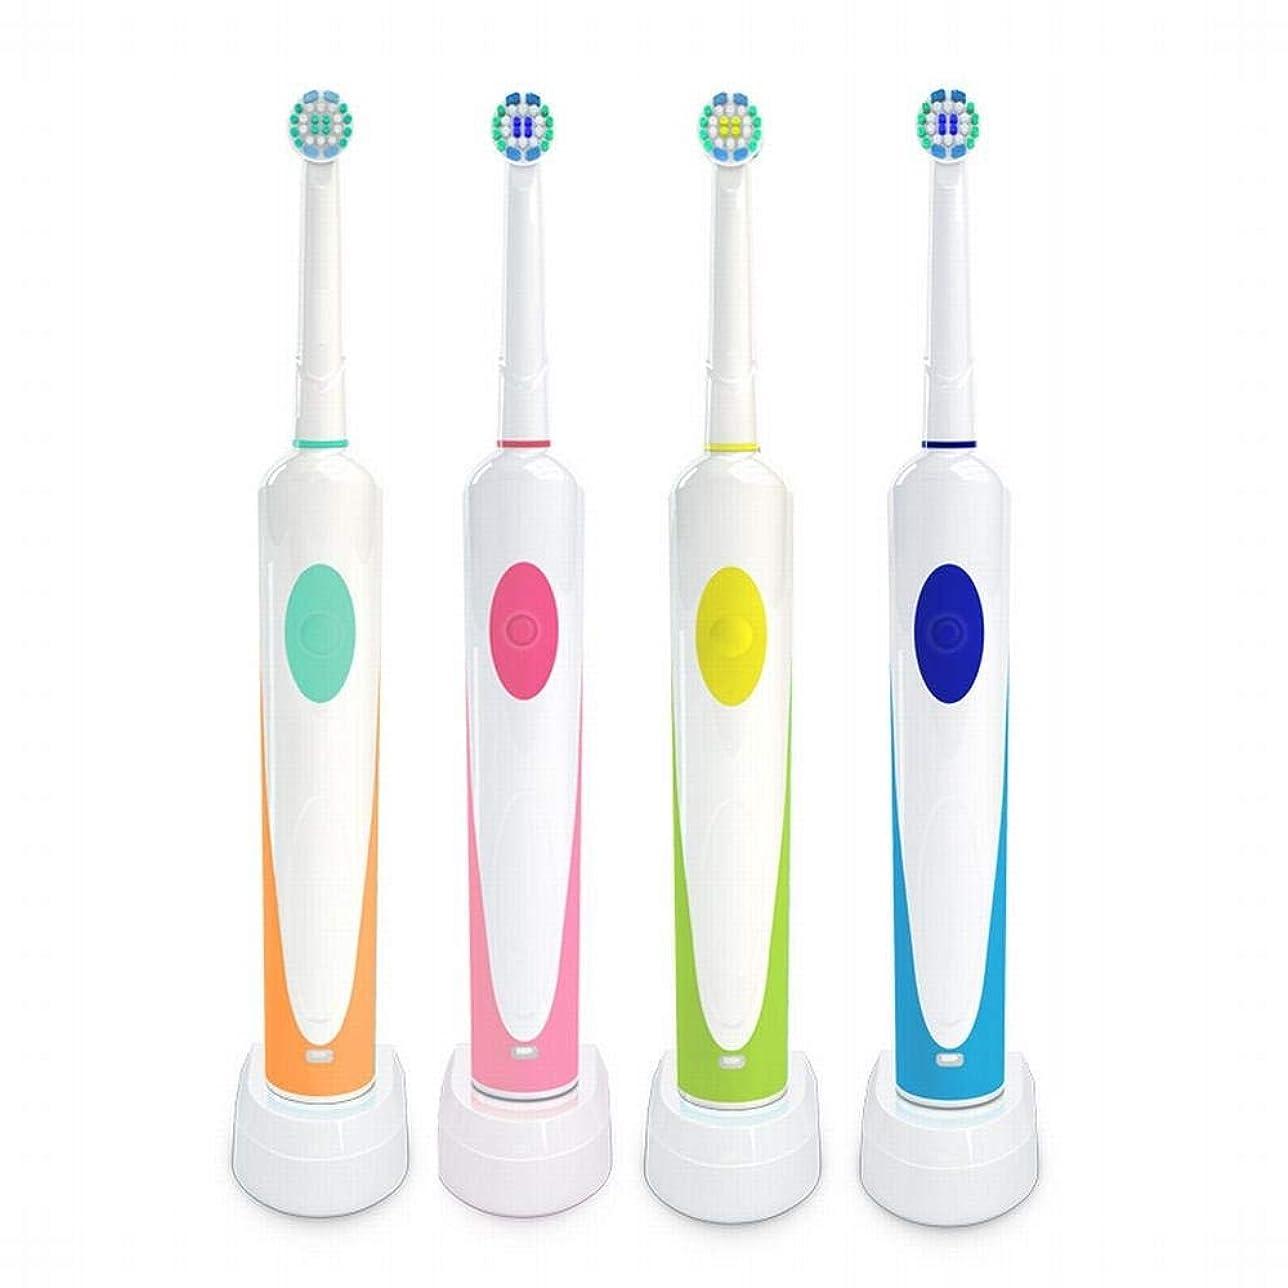 感嘆符惨めな試みMayalina 電動歯ブラシ全自動スマート電動ガム子供用歯ブラシ歯ブラシヘッド電動歯ブラシヘッド (色 : ピンク)